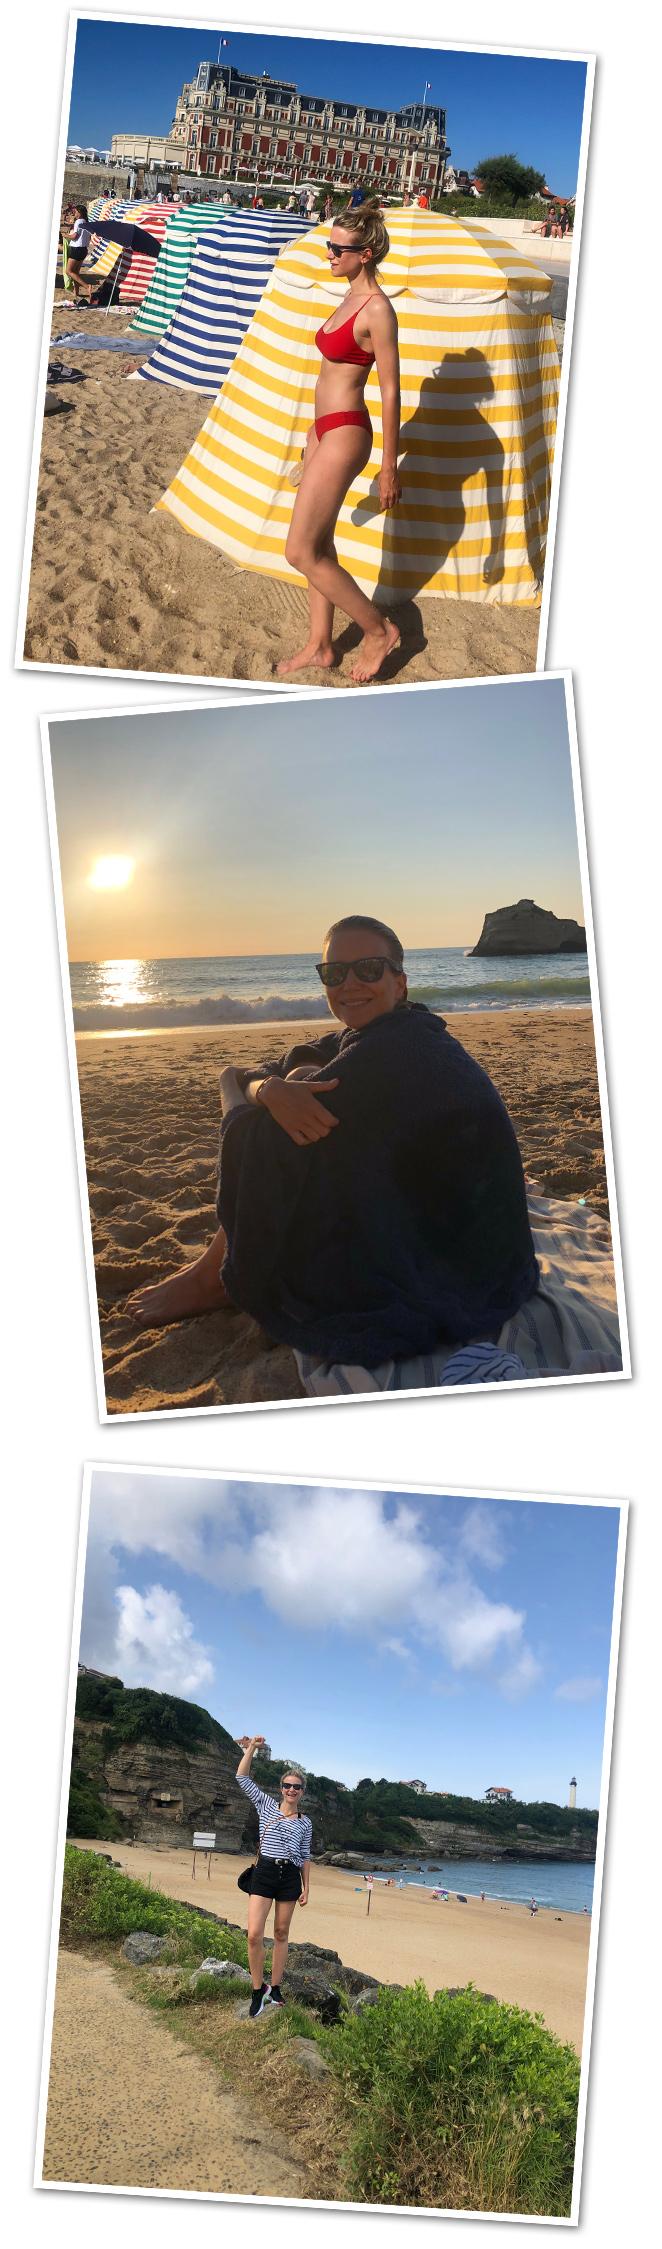 Darse un refrescante baño en la Grande Plage es como viajar en el tiempo, al ver esas sombrillas de rayas de diferentes colores hincadas en la arena con el hotel perfectamente dibujado al fondo te da la sensación de que estás en un escenario de otra época. Pero eso sí, si buscáis tranquilidad y espacio para colocar la toalla, mejor la playa de Miramar, es más pequeñita y tiene mucha magia. Ahh y atreveros a probar clases de surf porque este es el sitio ideal para practicar este deporte pero, eso sí, hacedlo con cuidado porque las olas aquí suelen tener gran peligro. Pero si preferís hacer otra actividad física menos arriesgada, un recorrido de principio a fin por la playa de Anglet también es estupendo!!